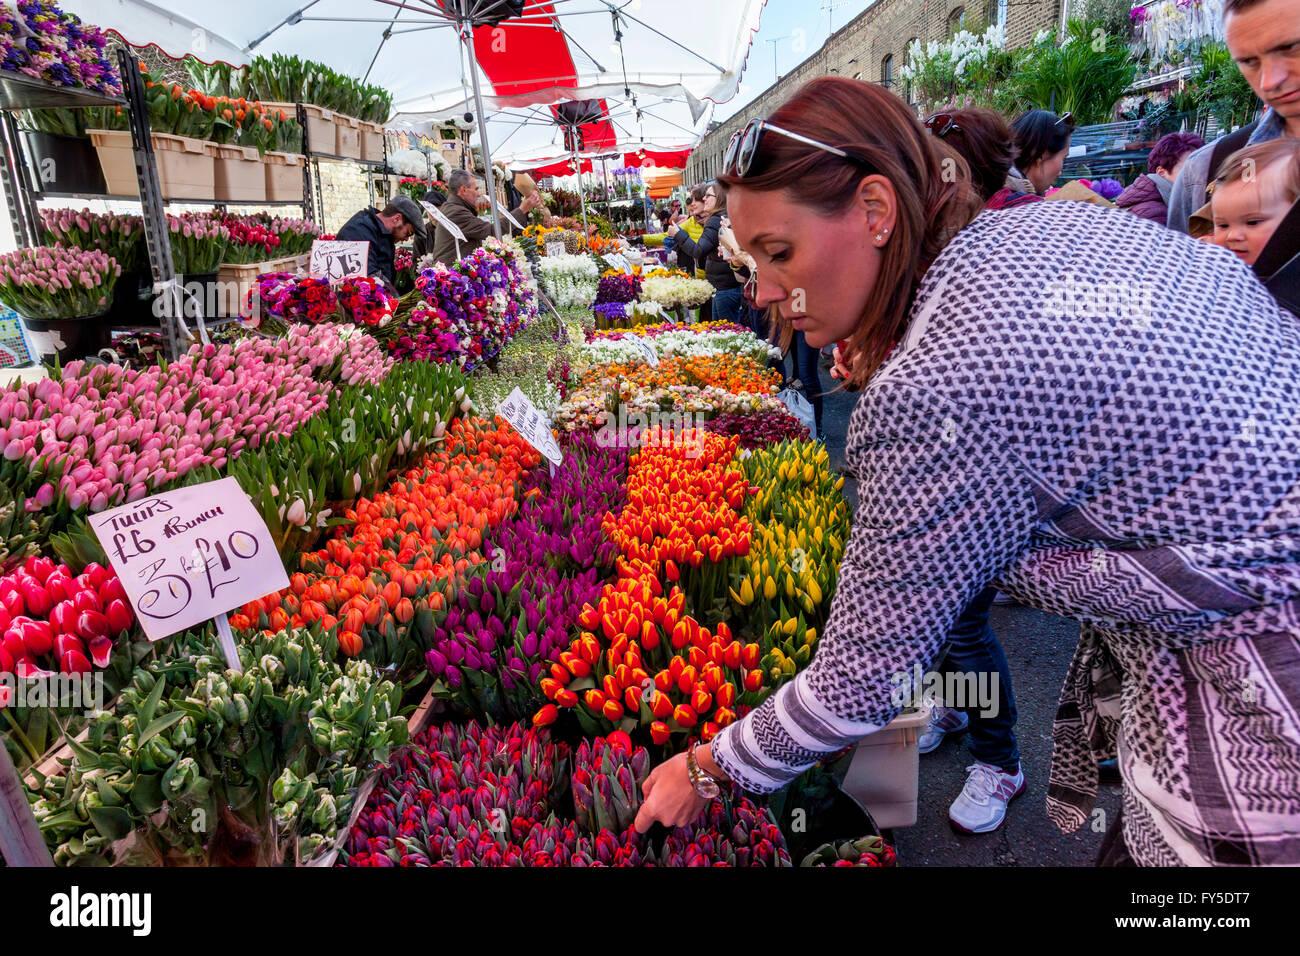 Une femme d'acheter des fleurs sur Columbia Road Flower Market, Tower Hamlets, London, England Photo Stock